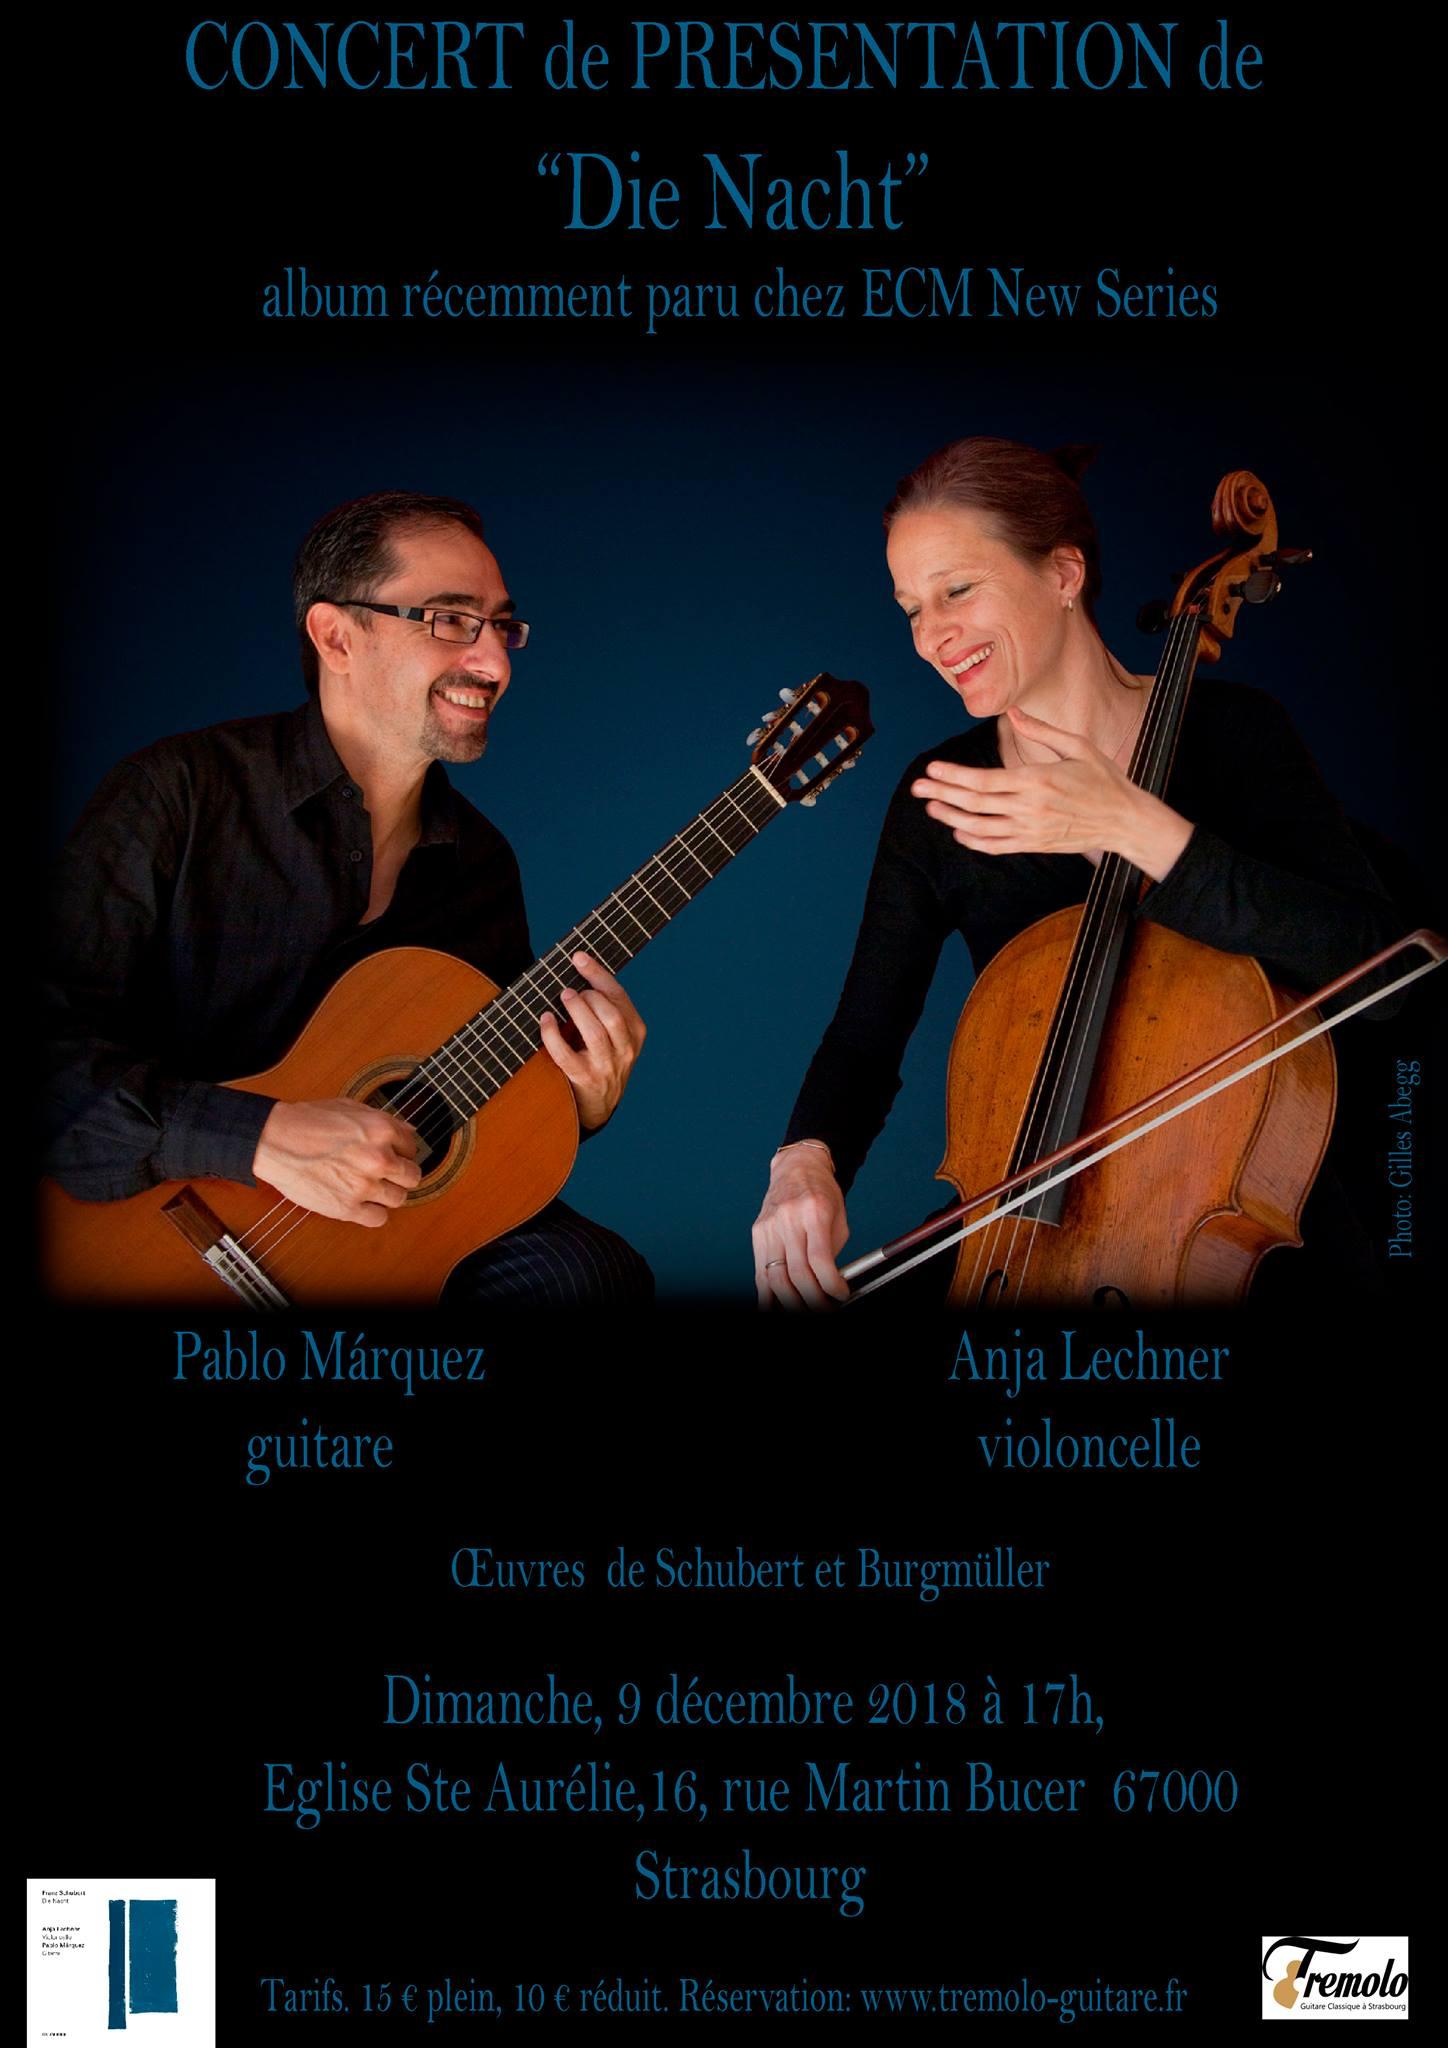 Dimanche 9 – 17:00 à 19:00 – Concert de Pablo Marquez et Anja Lechner – «Die Nacht»